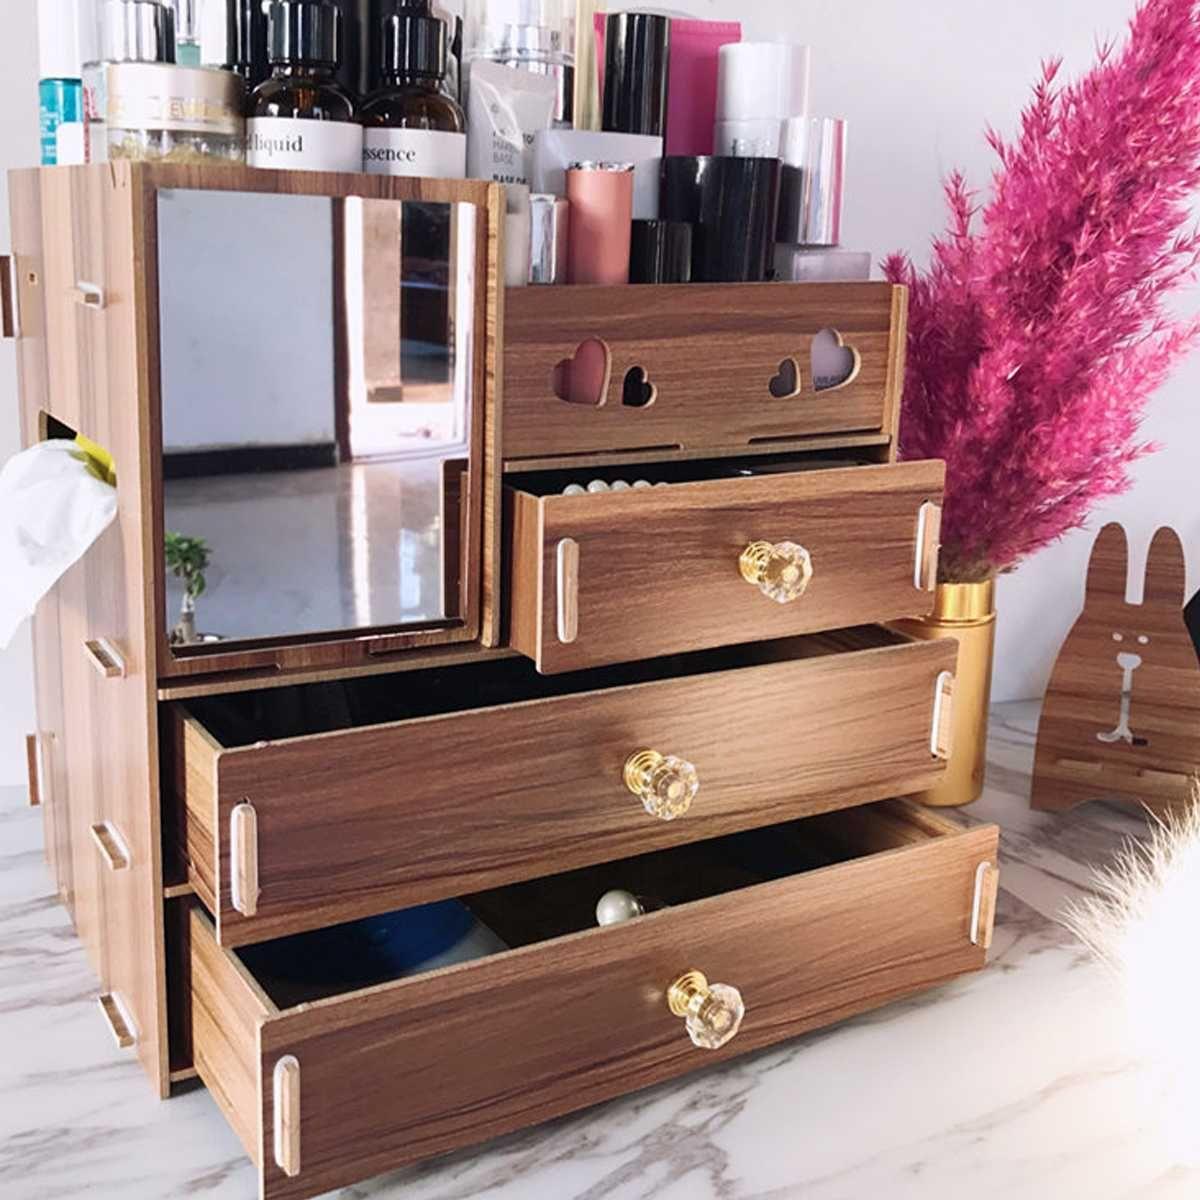 Diy Desktop Wooden Storage Box Multifunctional Wooden Makeup